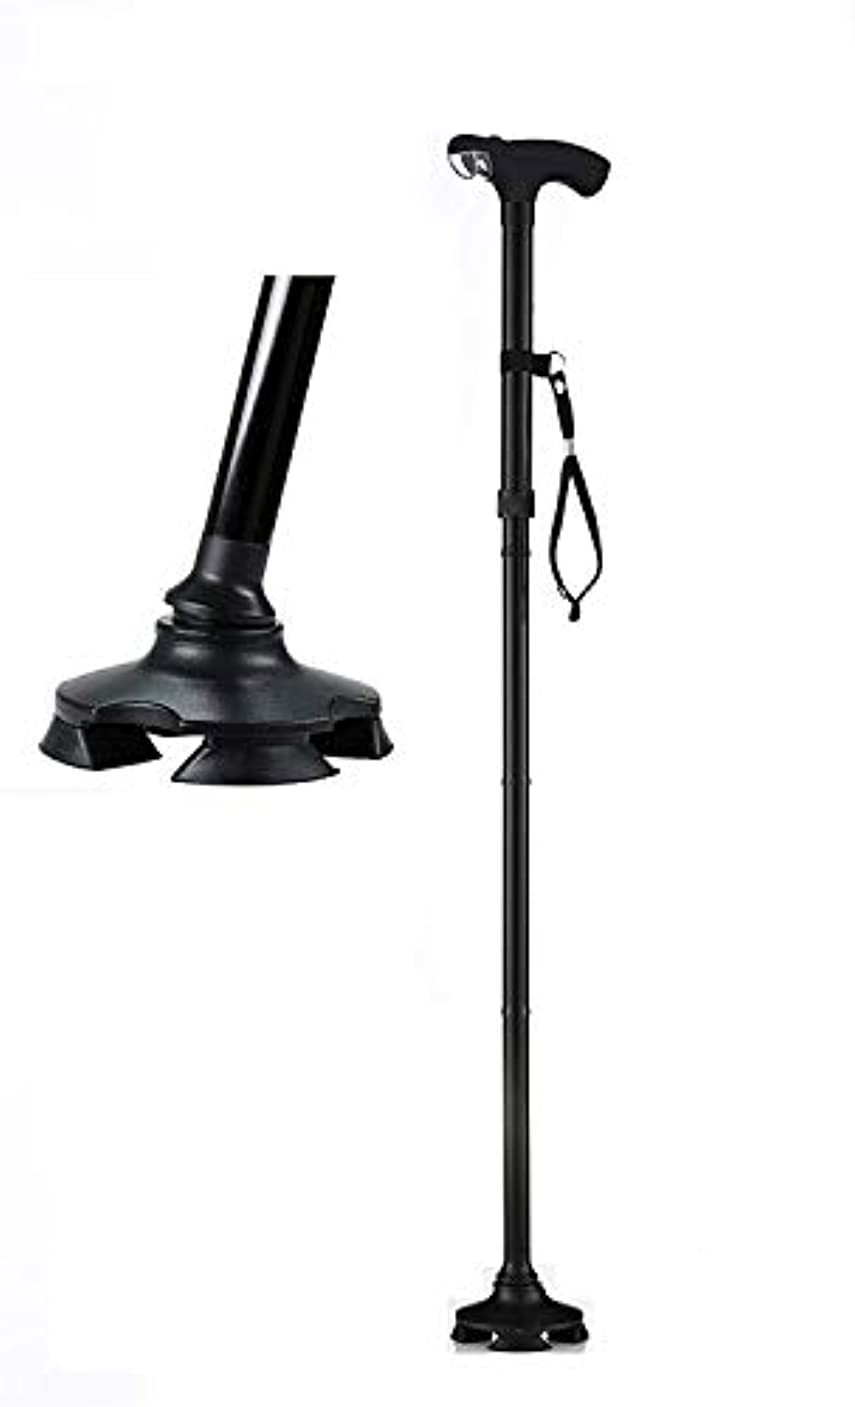 良いようこそ出席する支援技術サービス最高の短い歩行杖-背の高い26-32インチから調整-光と4フィートの自立杖